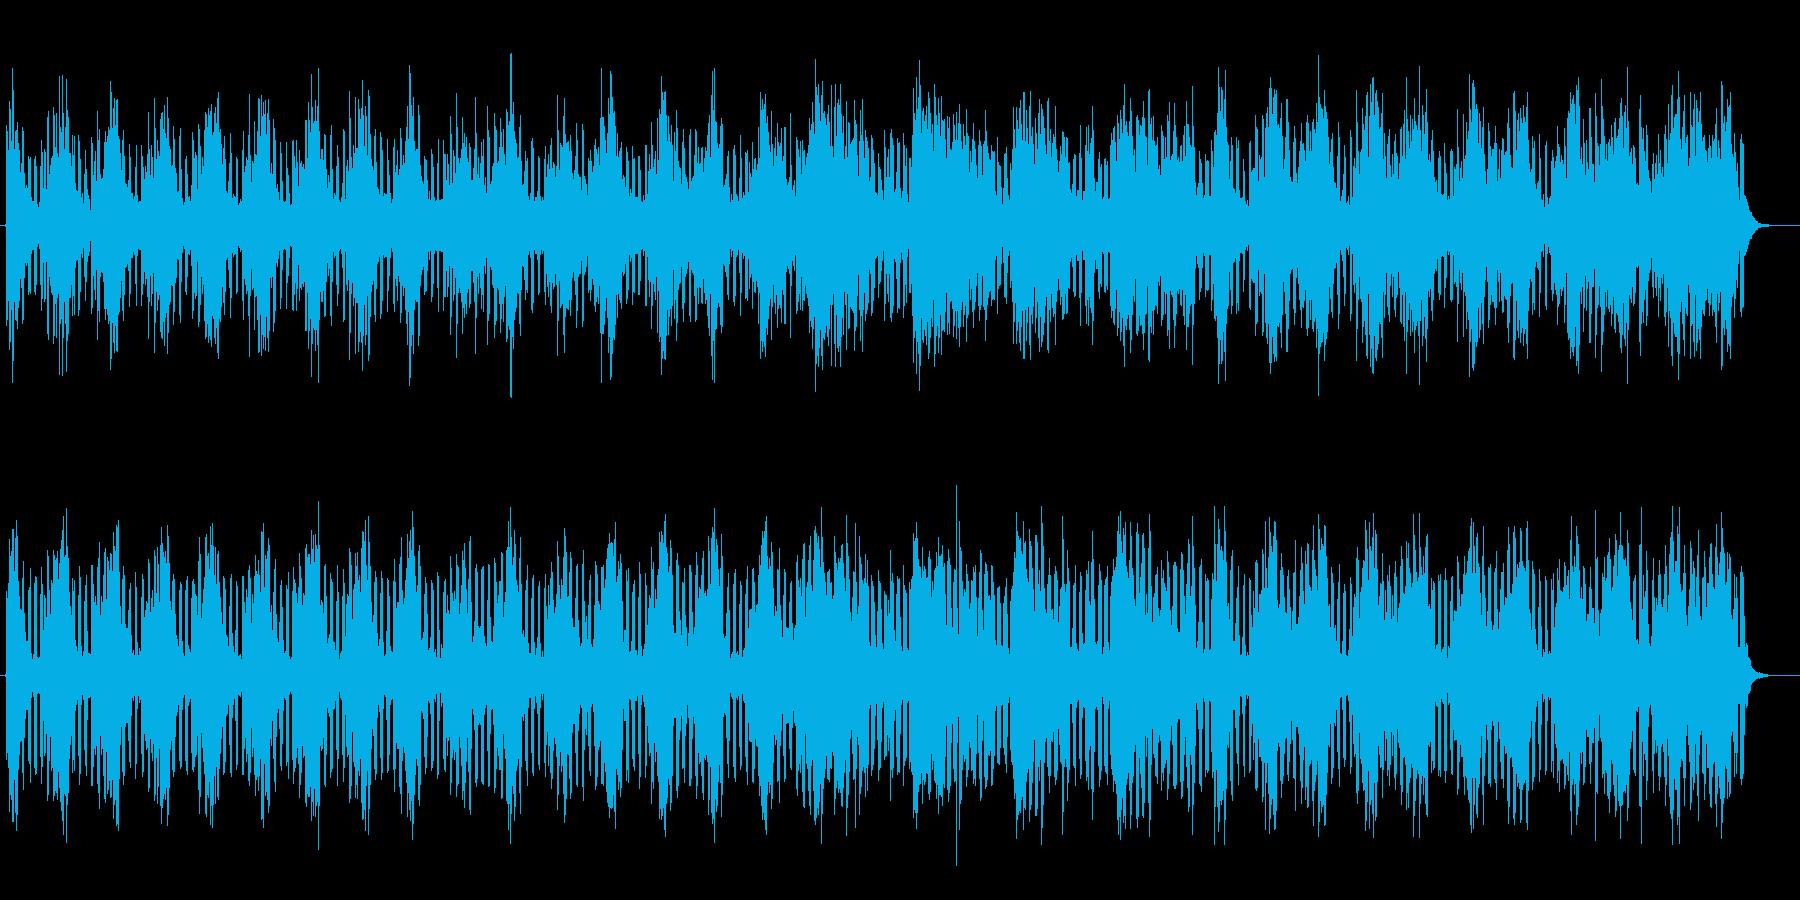 幻想的なミディアムテンポミュージックの再生済みの波形